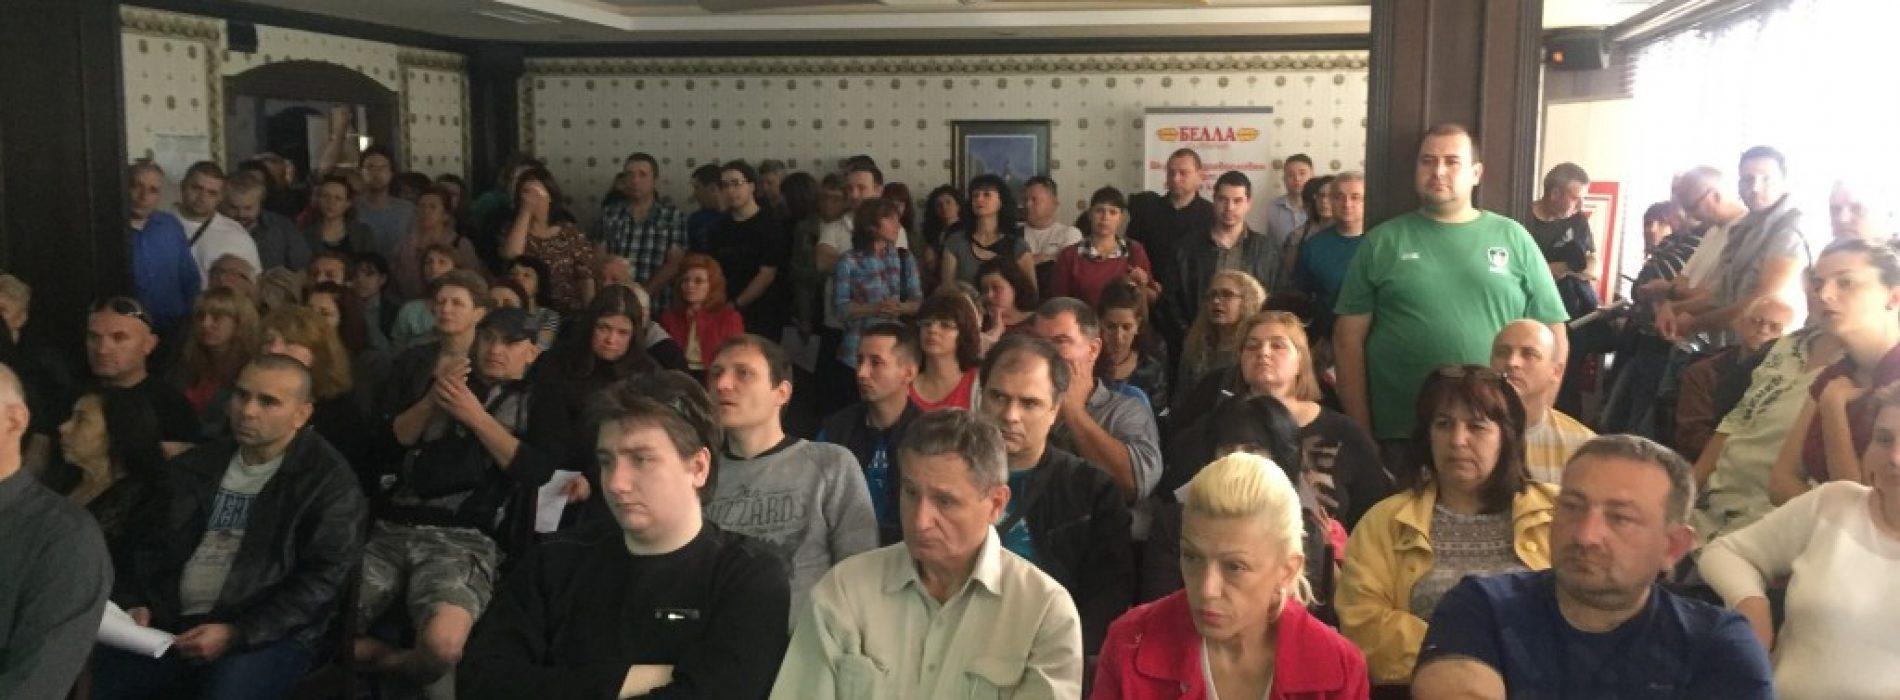 Над 200 търсещи работа в Пазарджик дойдоха на среща с работодатели от Тракия икономическа зона, предстои среща в Съединение